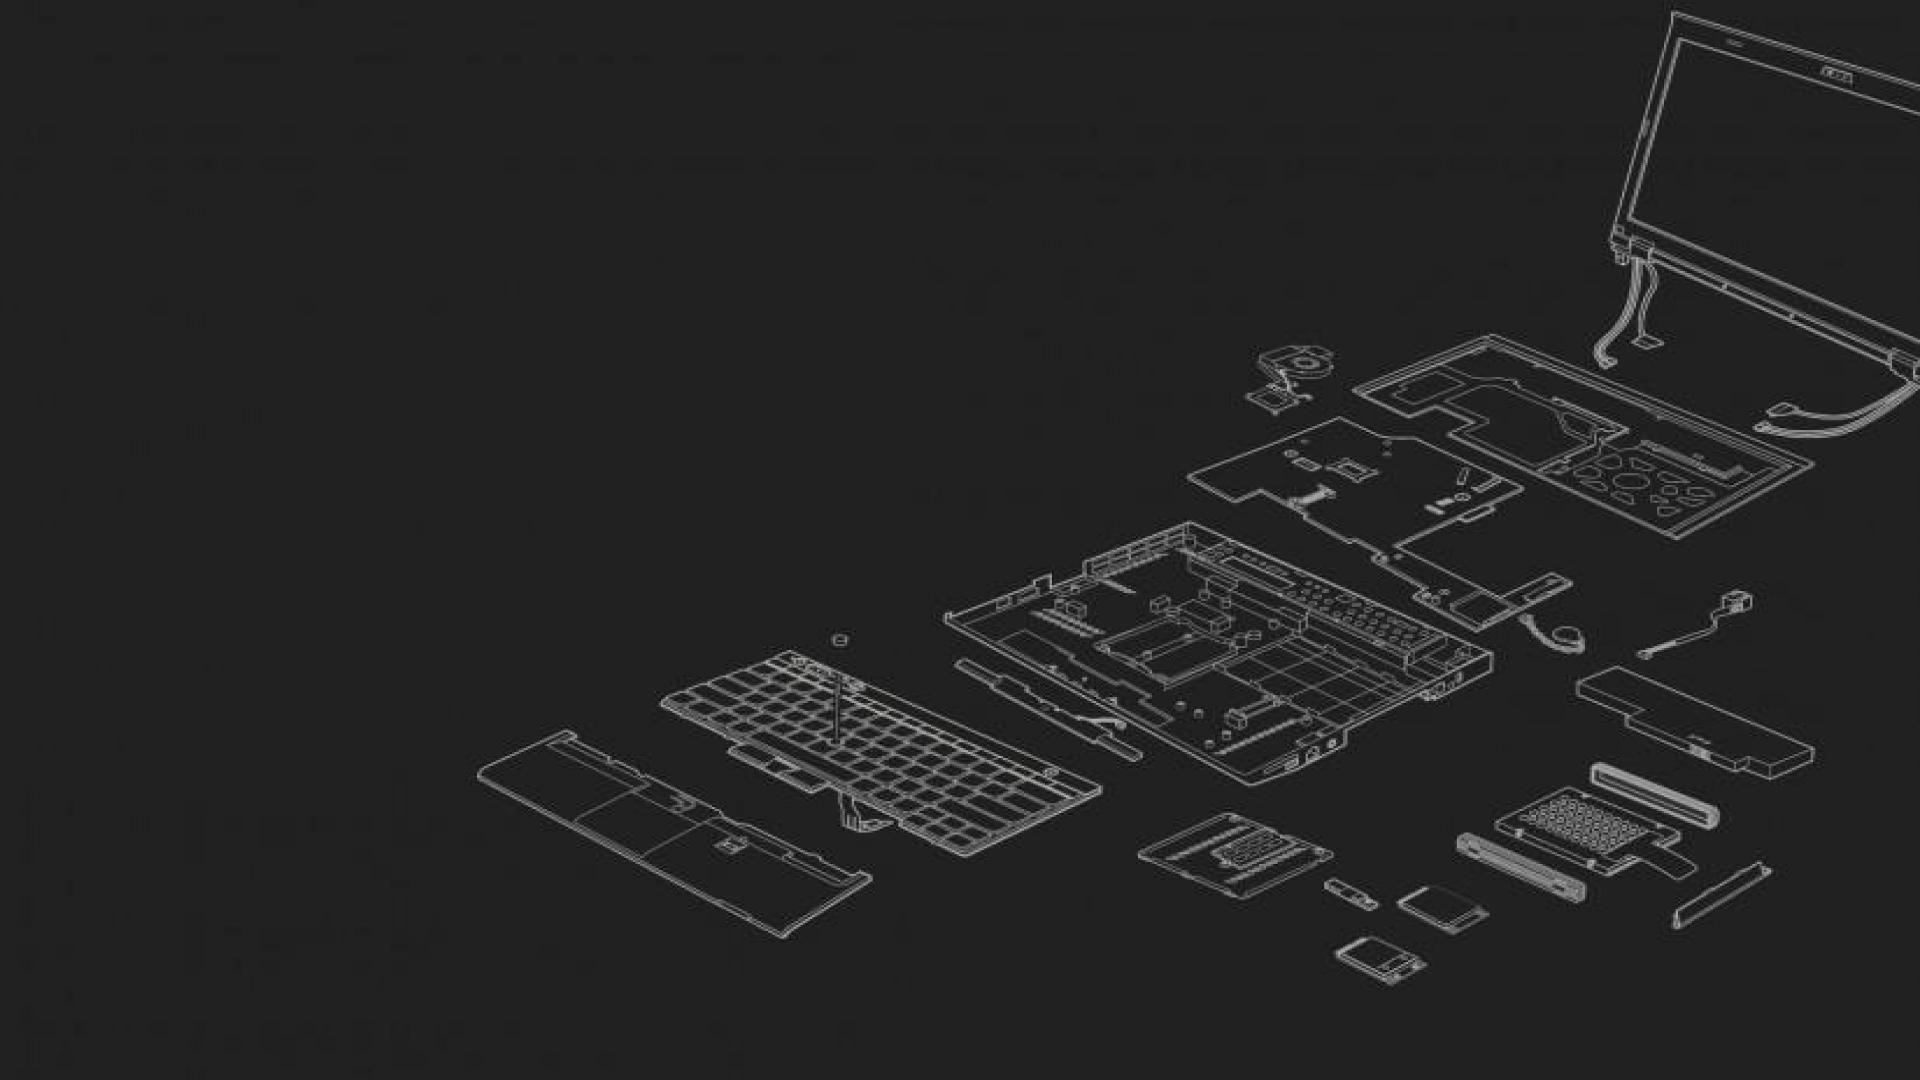 Lenovo Wallpaper 1080p (825x550 px, 0.03 Mb) | Wall2Born.com